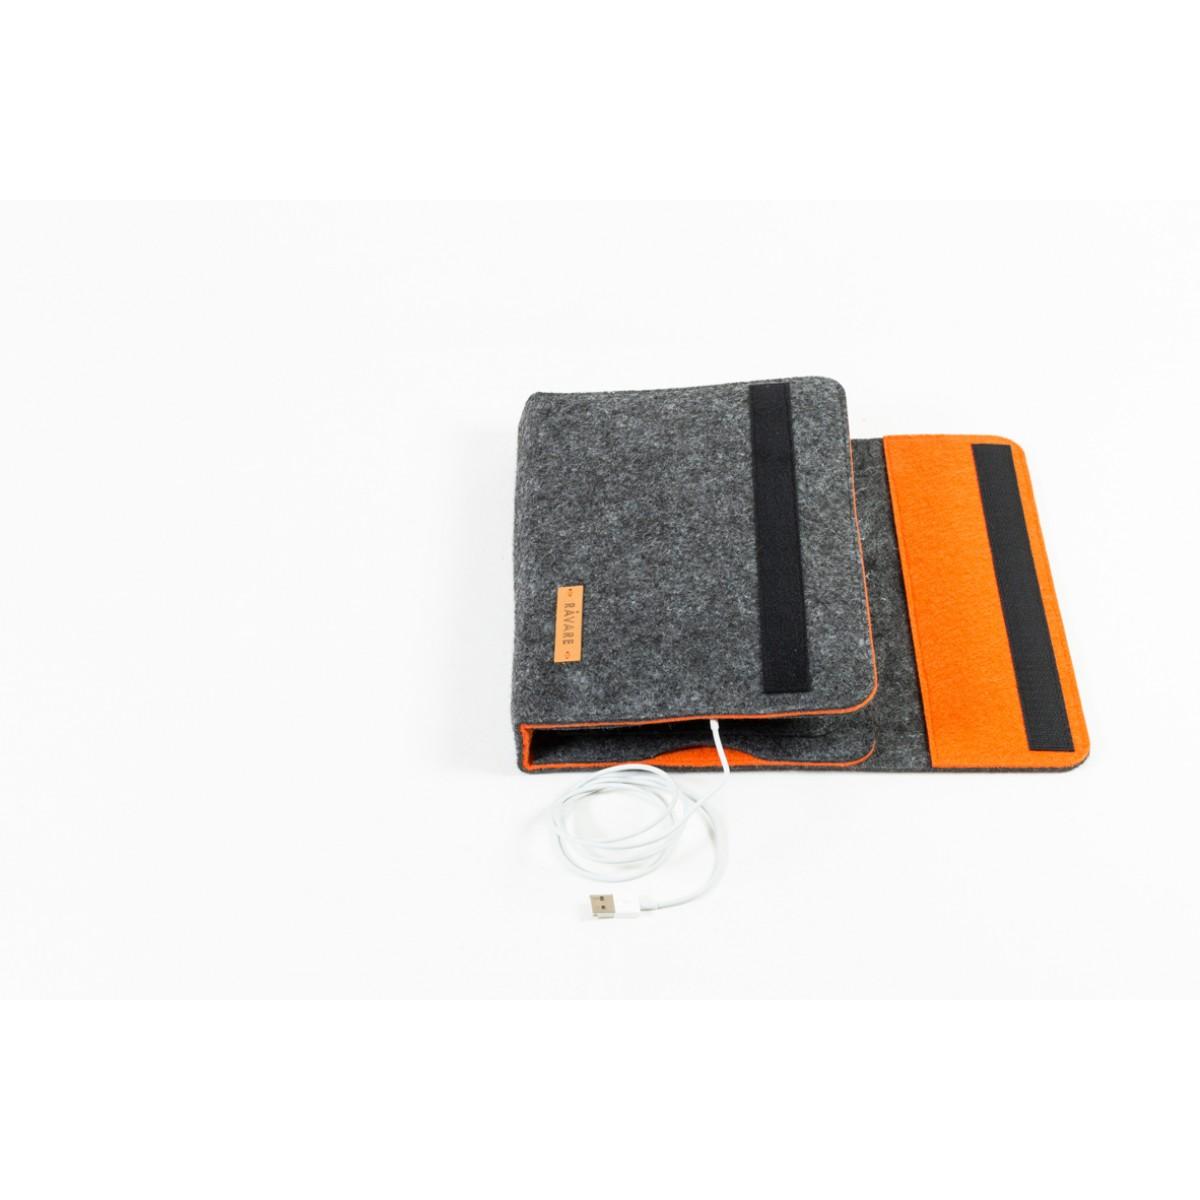 RÅVARE Tablet Organizer für kleine und mittlere Tablets ≤10.1″ mit Schreibblock, iPad, Samsung in grau-orange [KORA M]